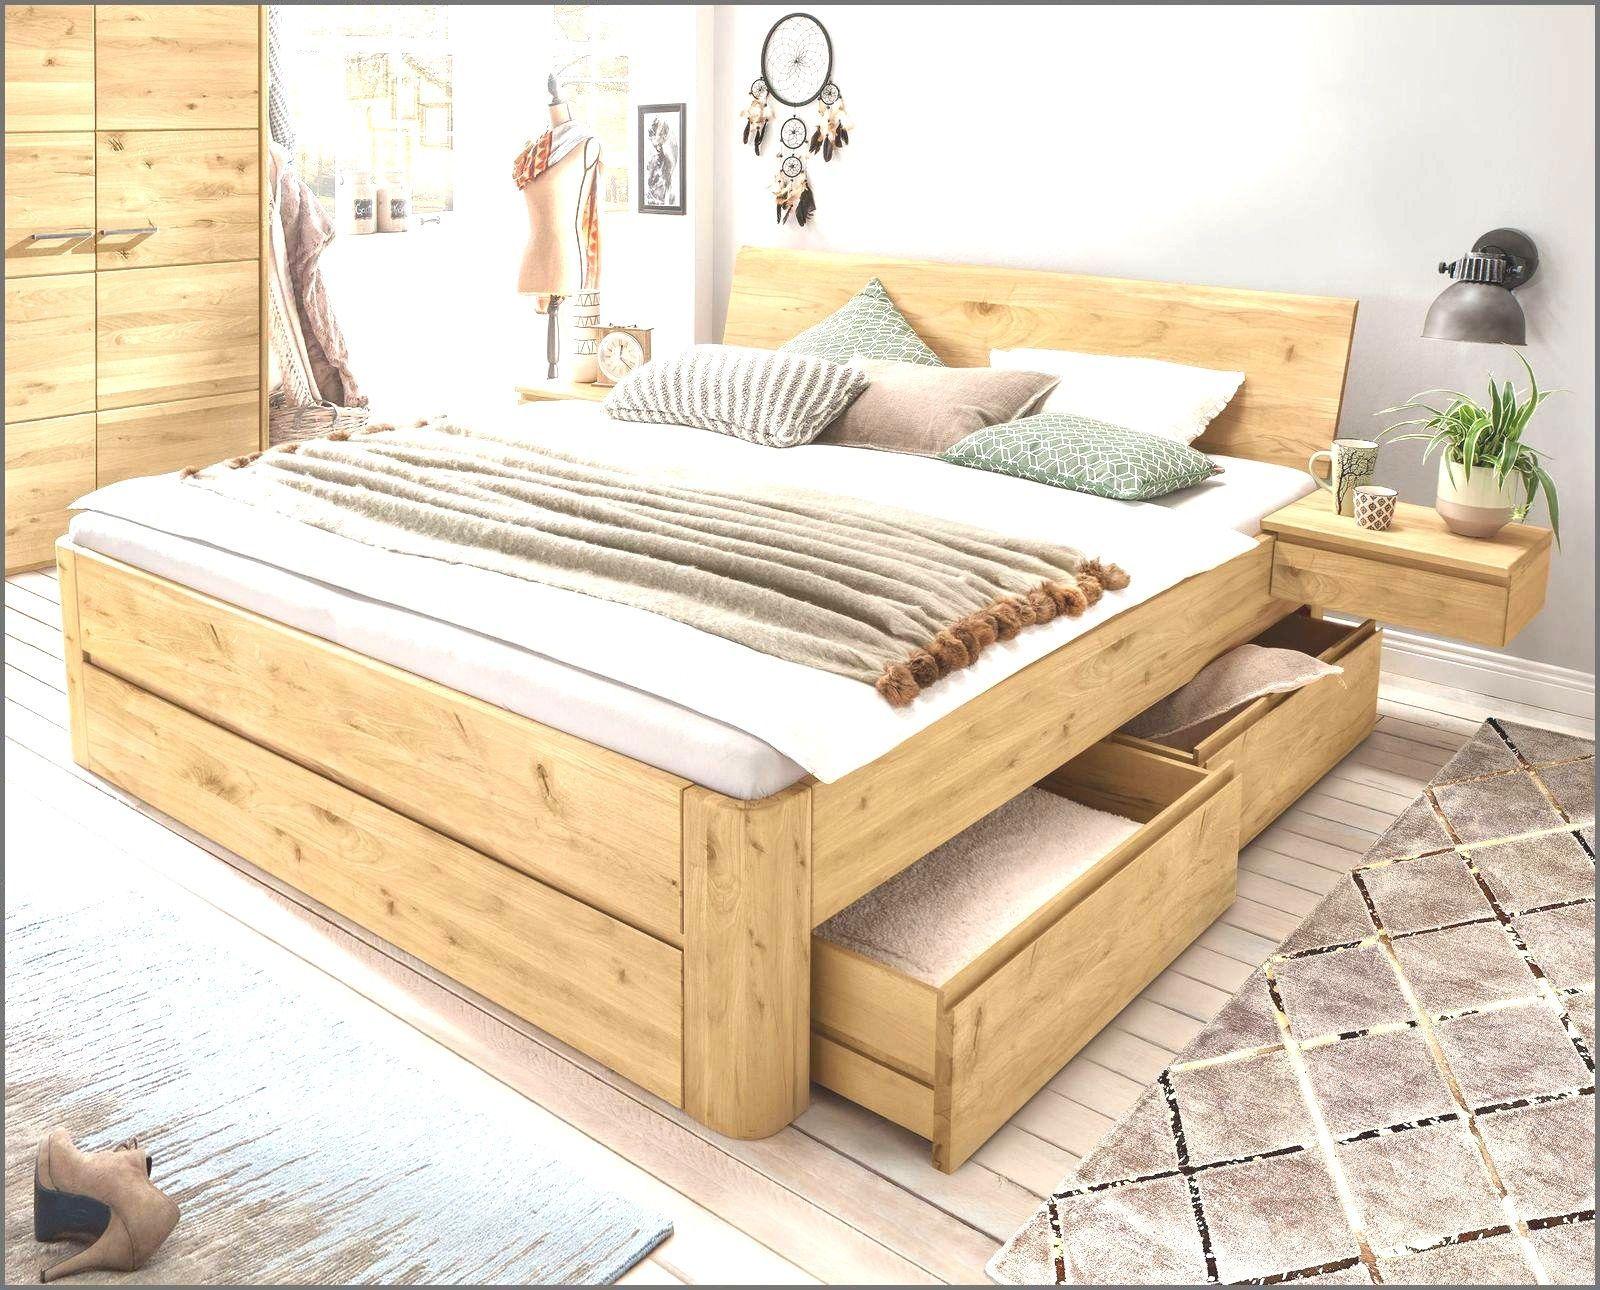 Bett Holzbalken Selber Bauen Bett Selber Bauen Bett Selber Bauen Anleitung Und Bett Massivholz